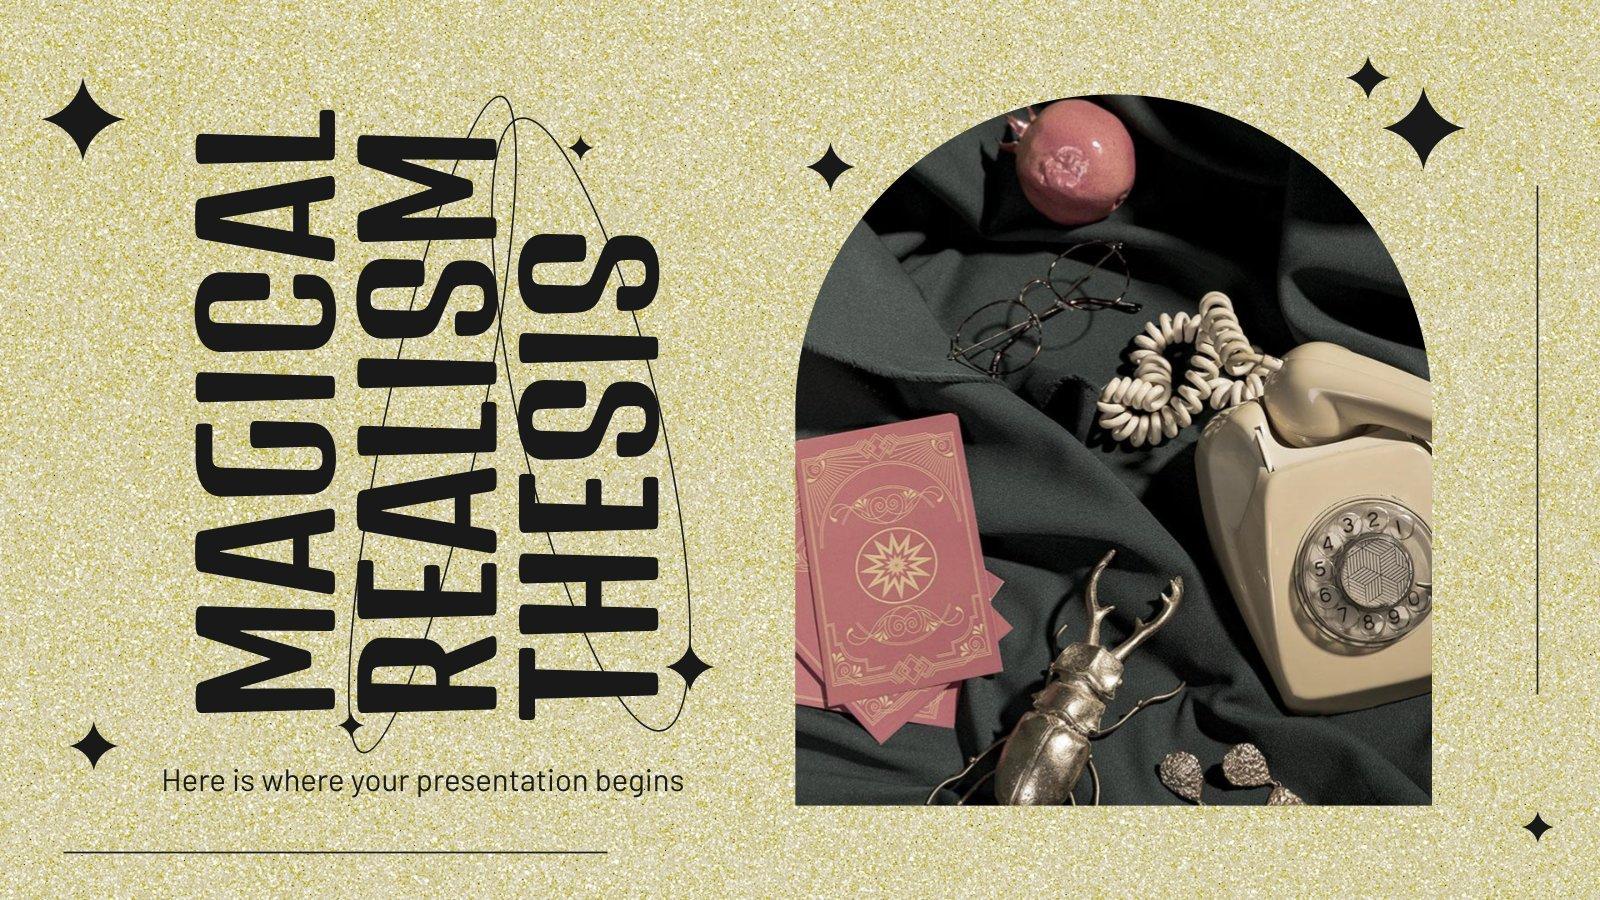 Modelo de apresentação Tese de realismo mágico